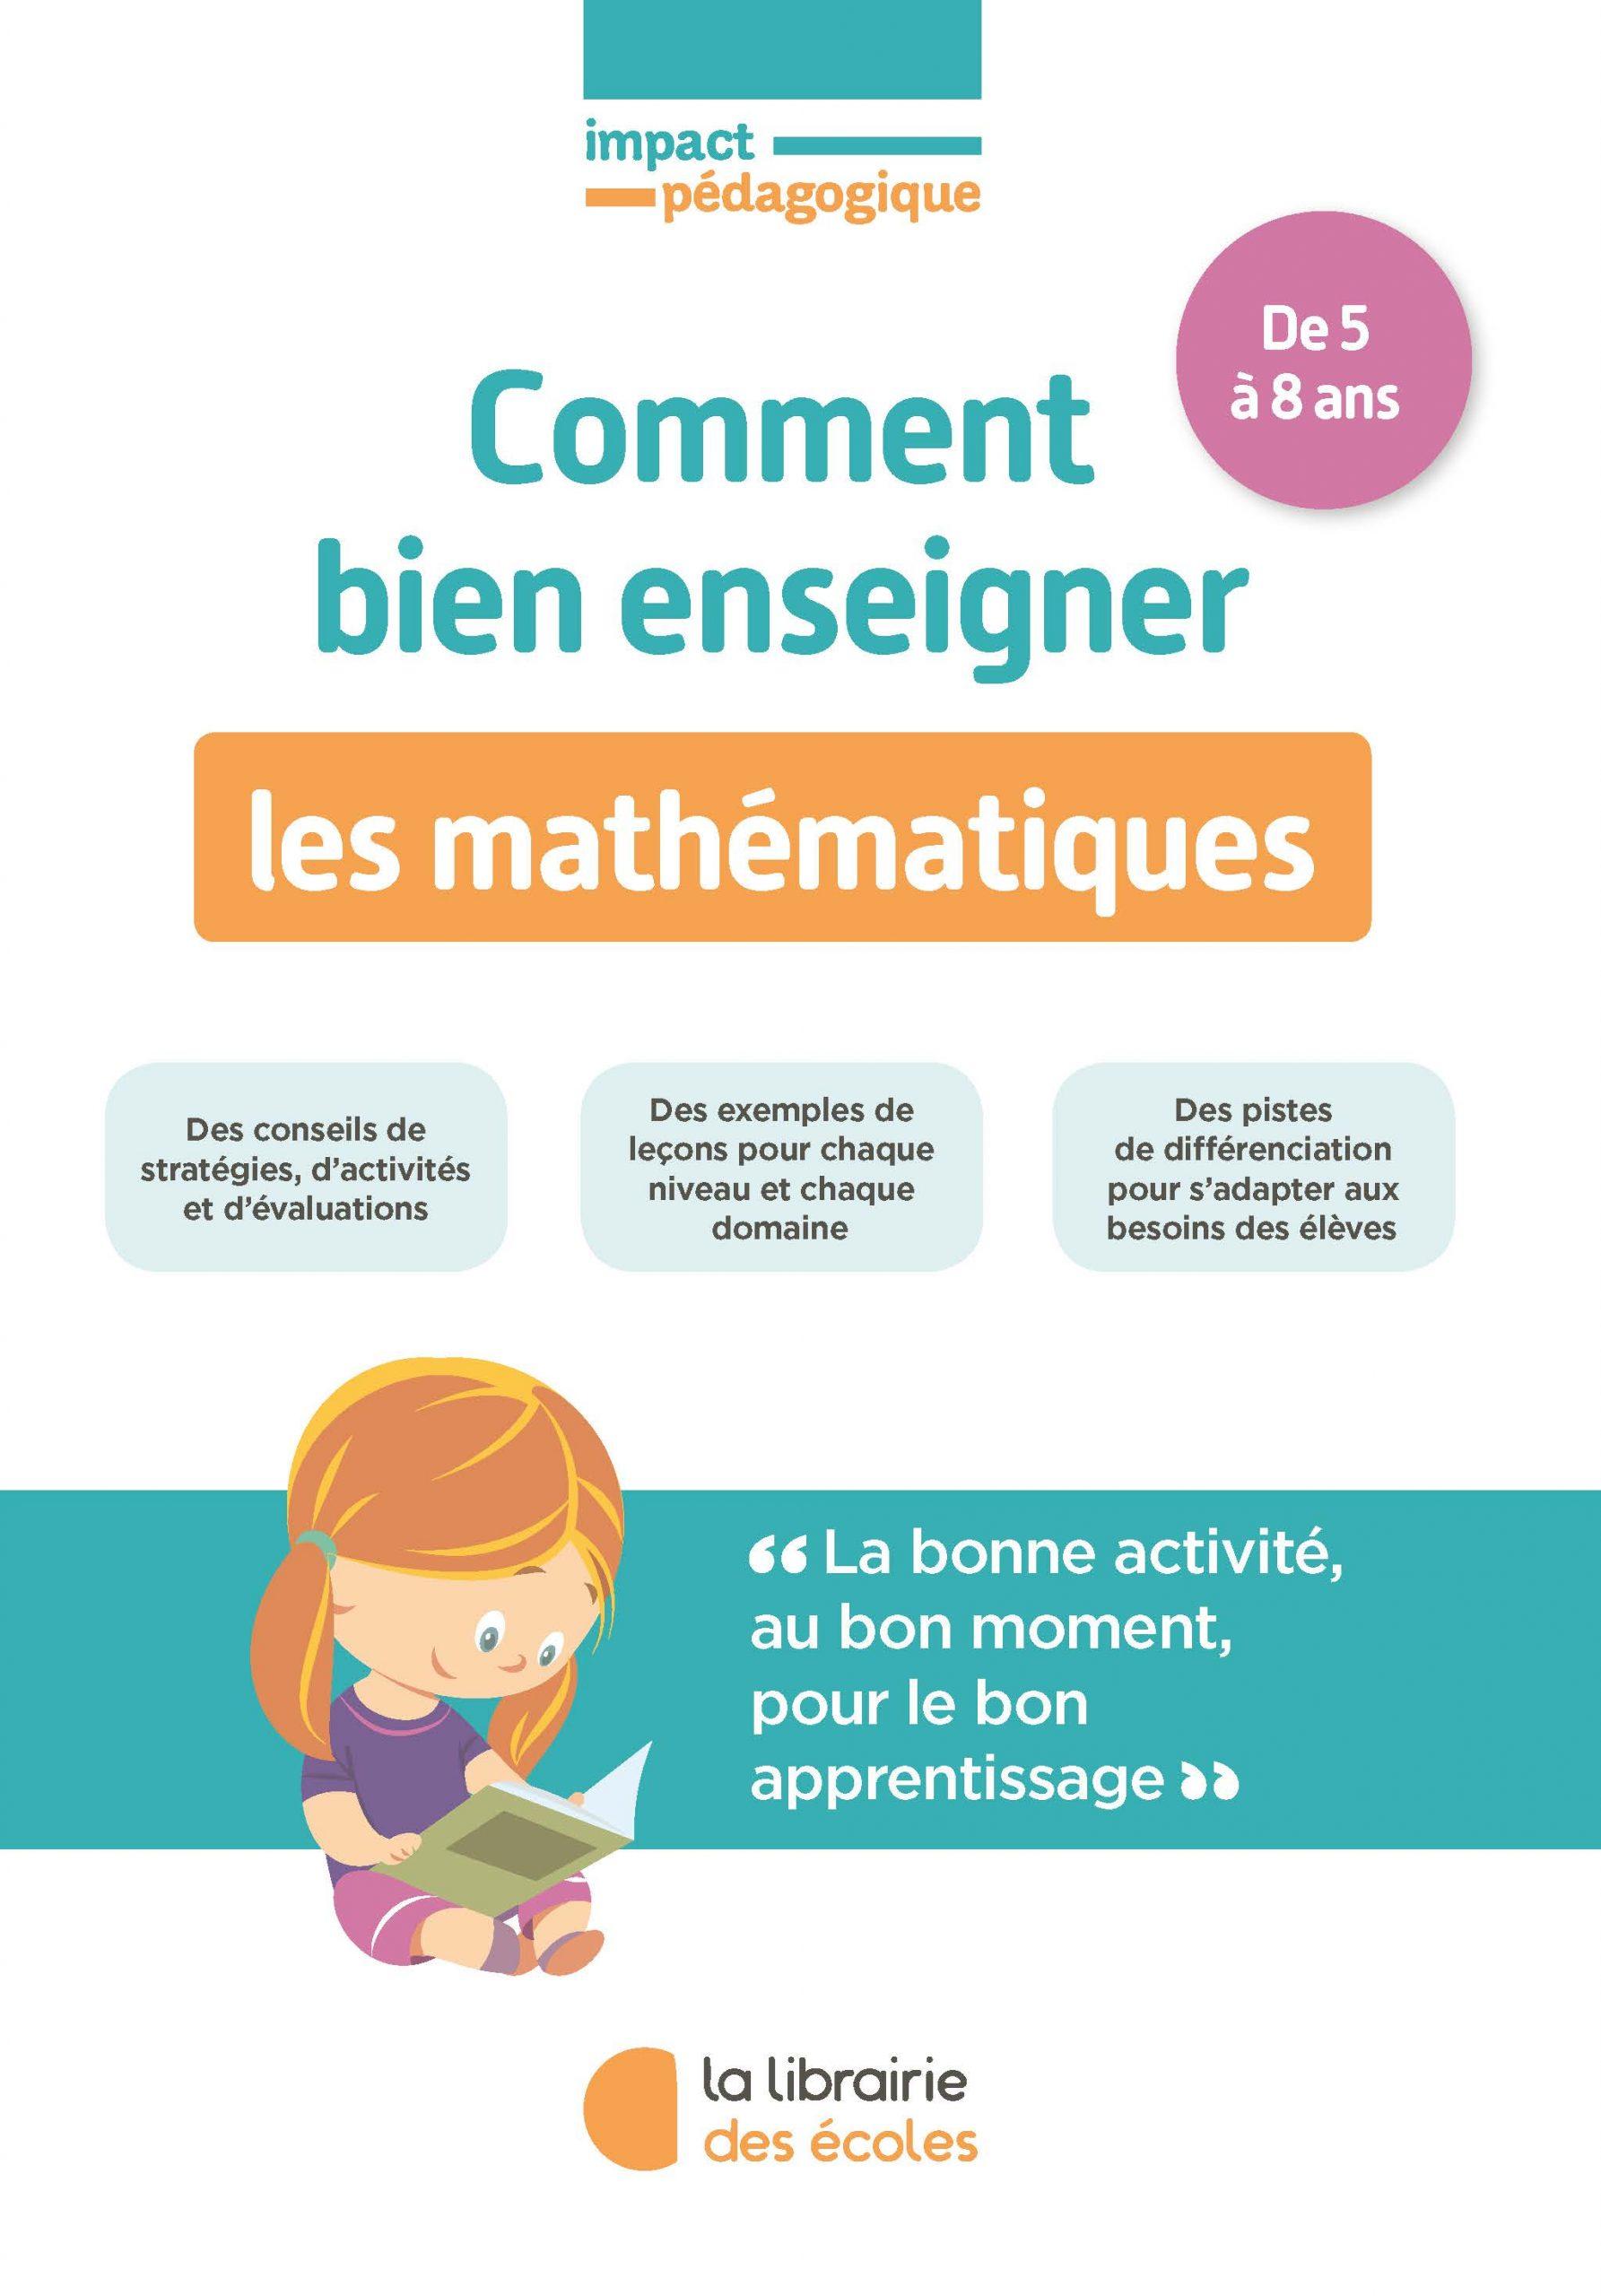 Comment bien enseigner les mathématiques de 5 à 8 ans